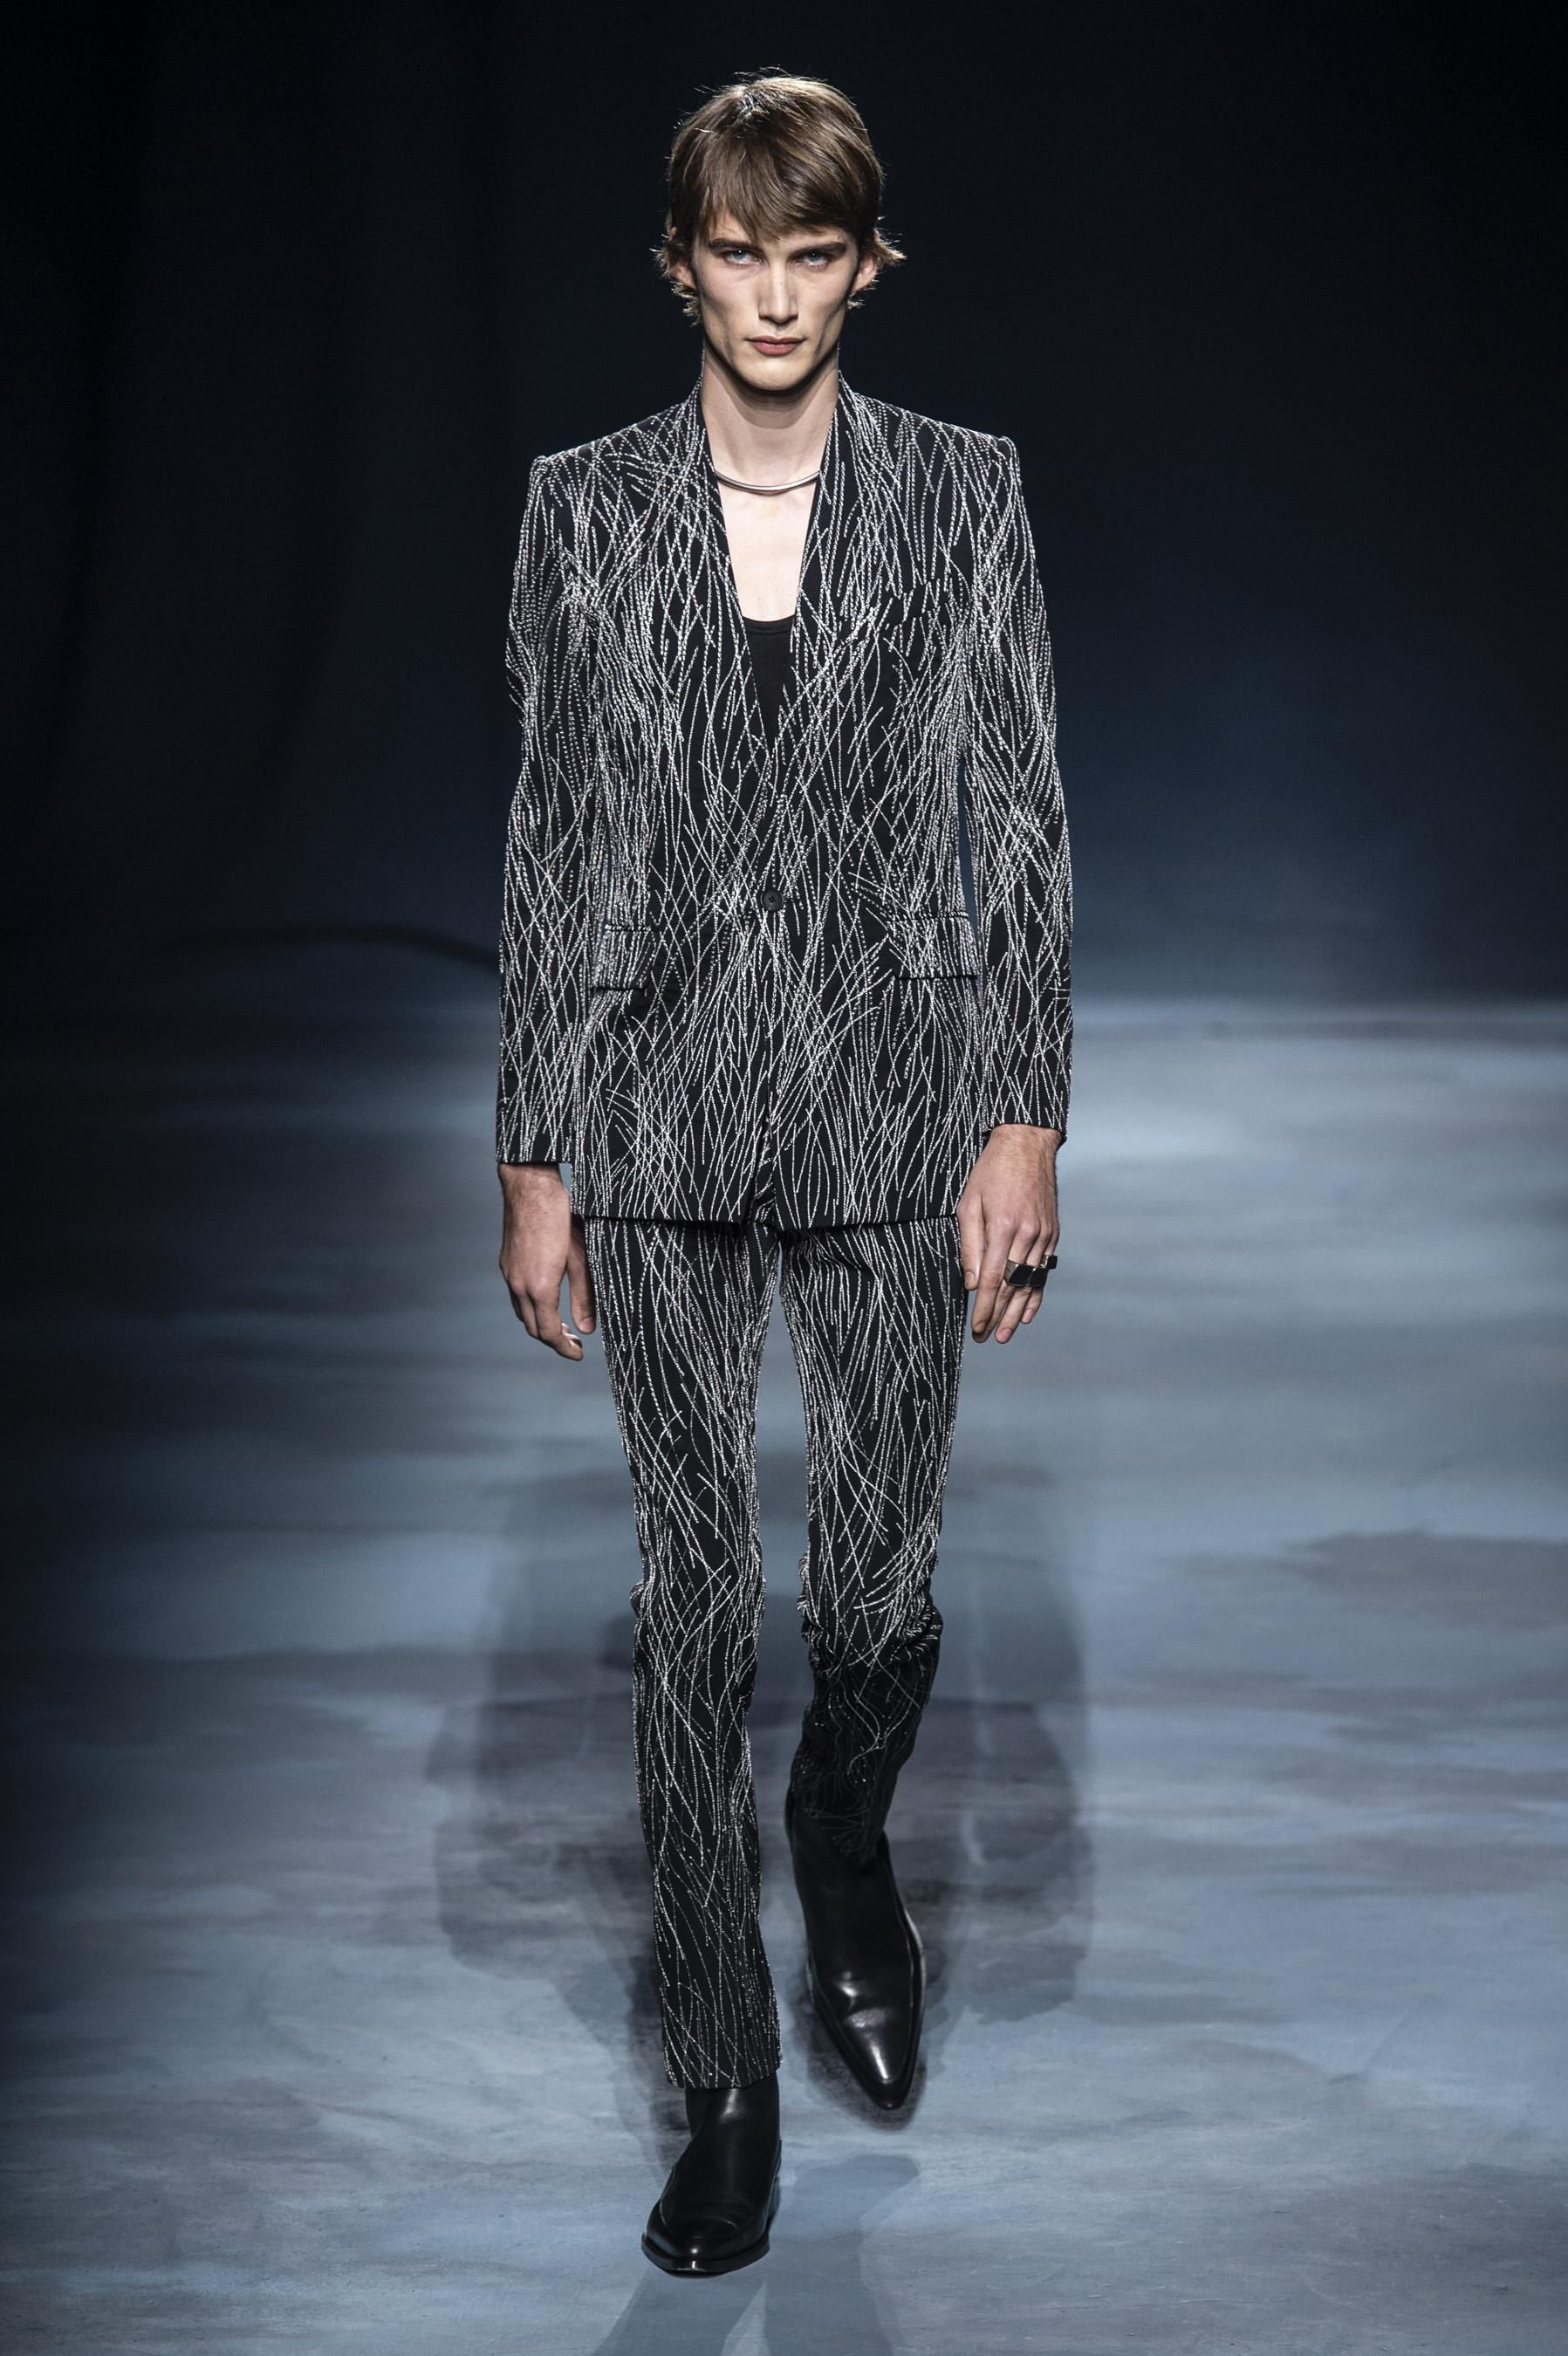 a87dd9d3f1df Défilé Givenchy printemps-été 2019 Prêt-à-porter - Madame Figaro